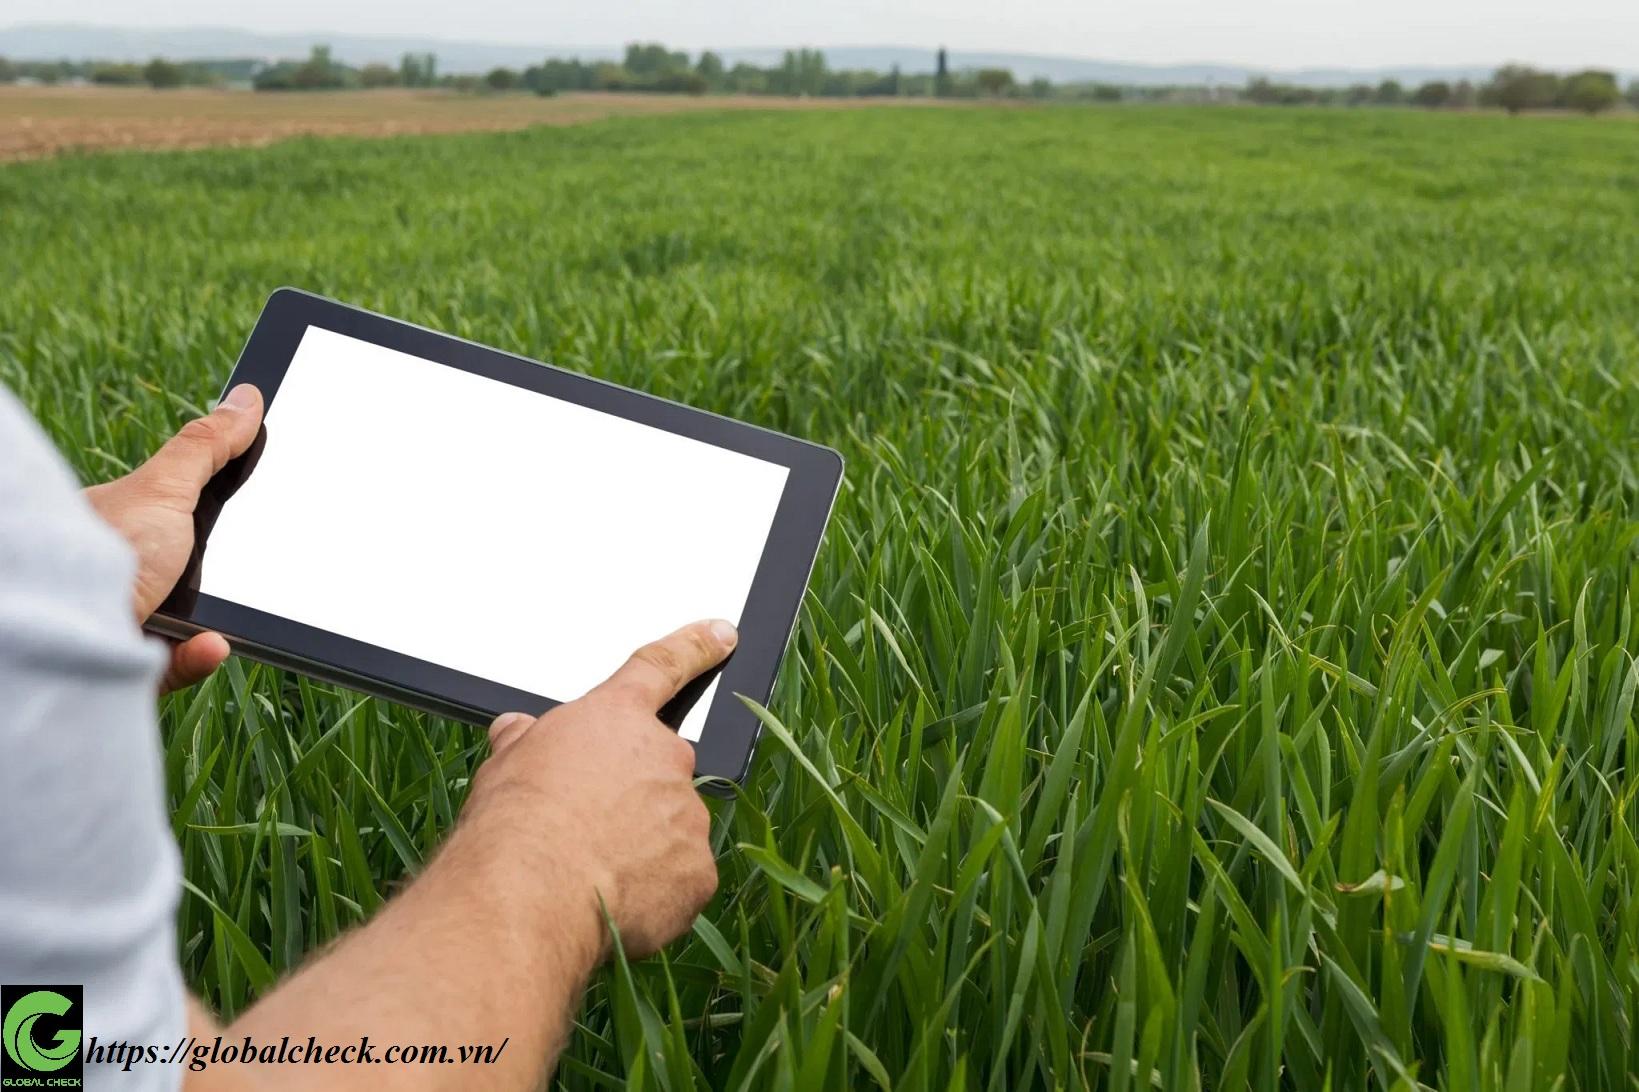 Kỹ thuật trồng lúa 4.0 là gì